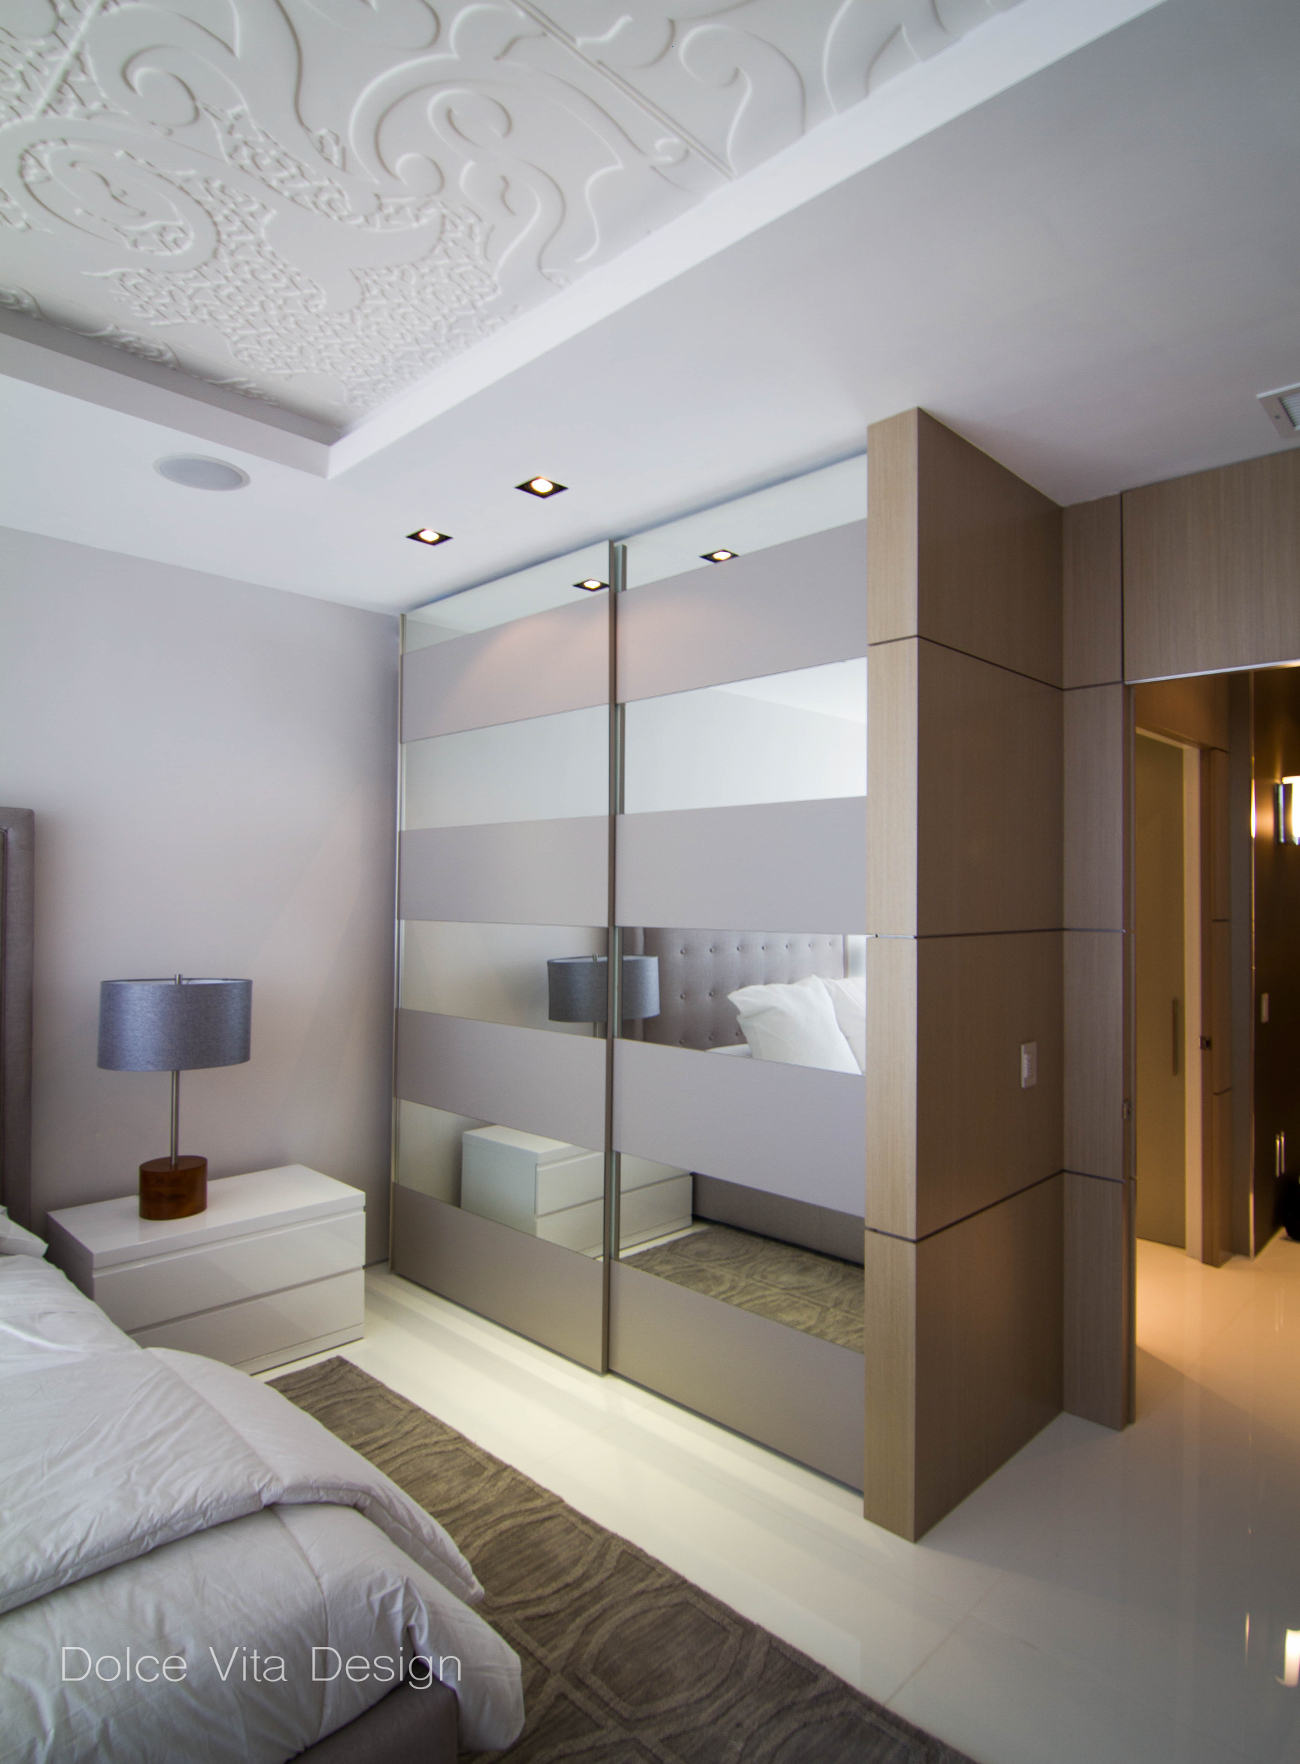 dolce-vita-design-interior-designer-miami-fl-florida-kenilworth-25-rsc2